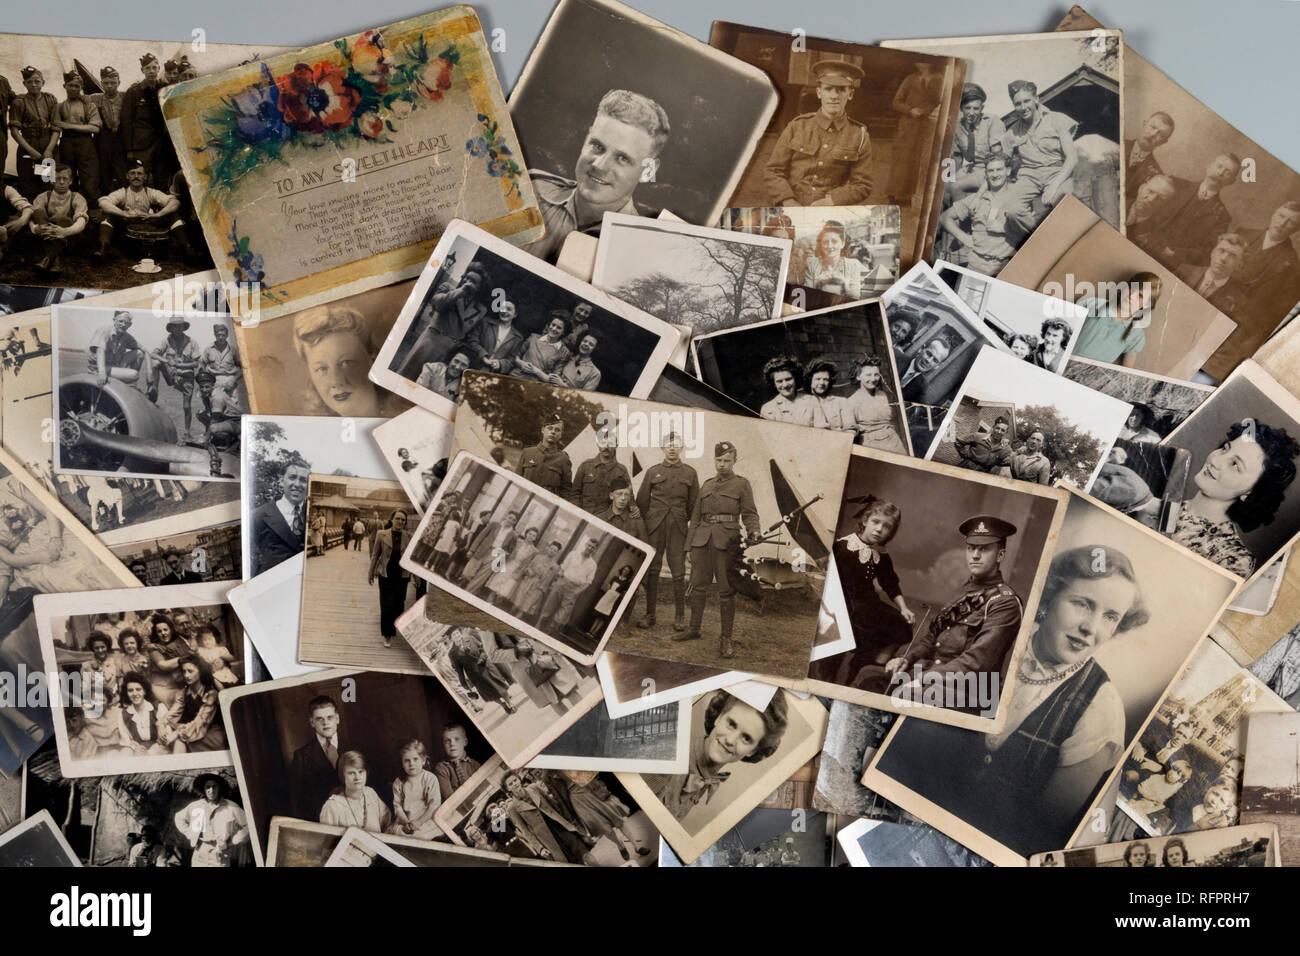 Genealogie - Familie Geschichte - alte Familienfotos aus der Zeit um 1890 bis etwa 1950. Stockbild